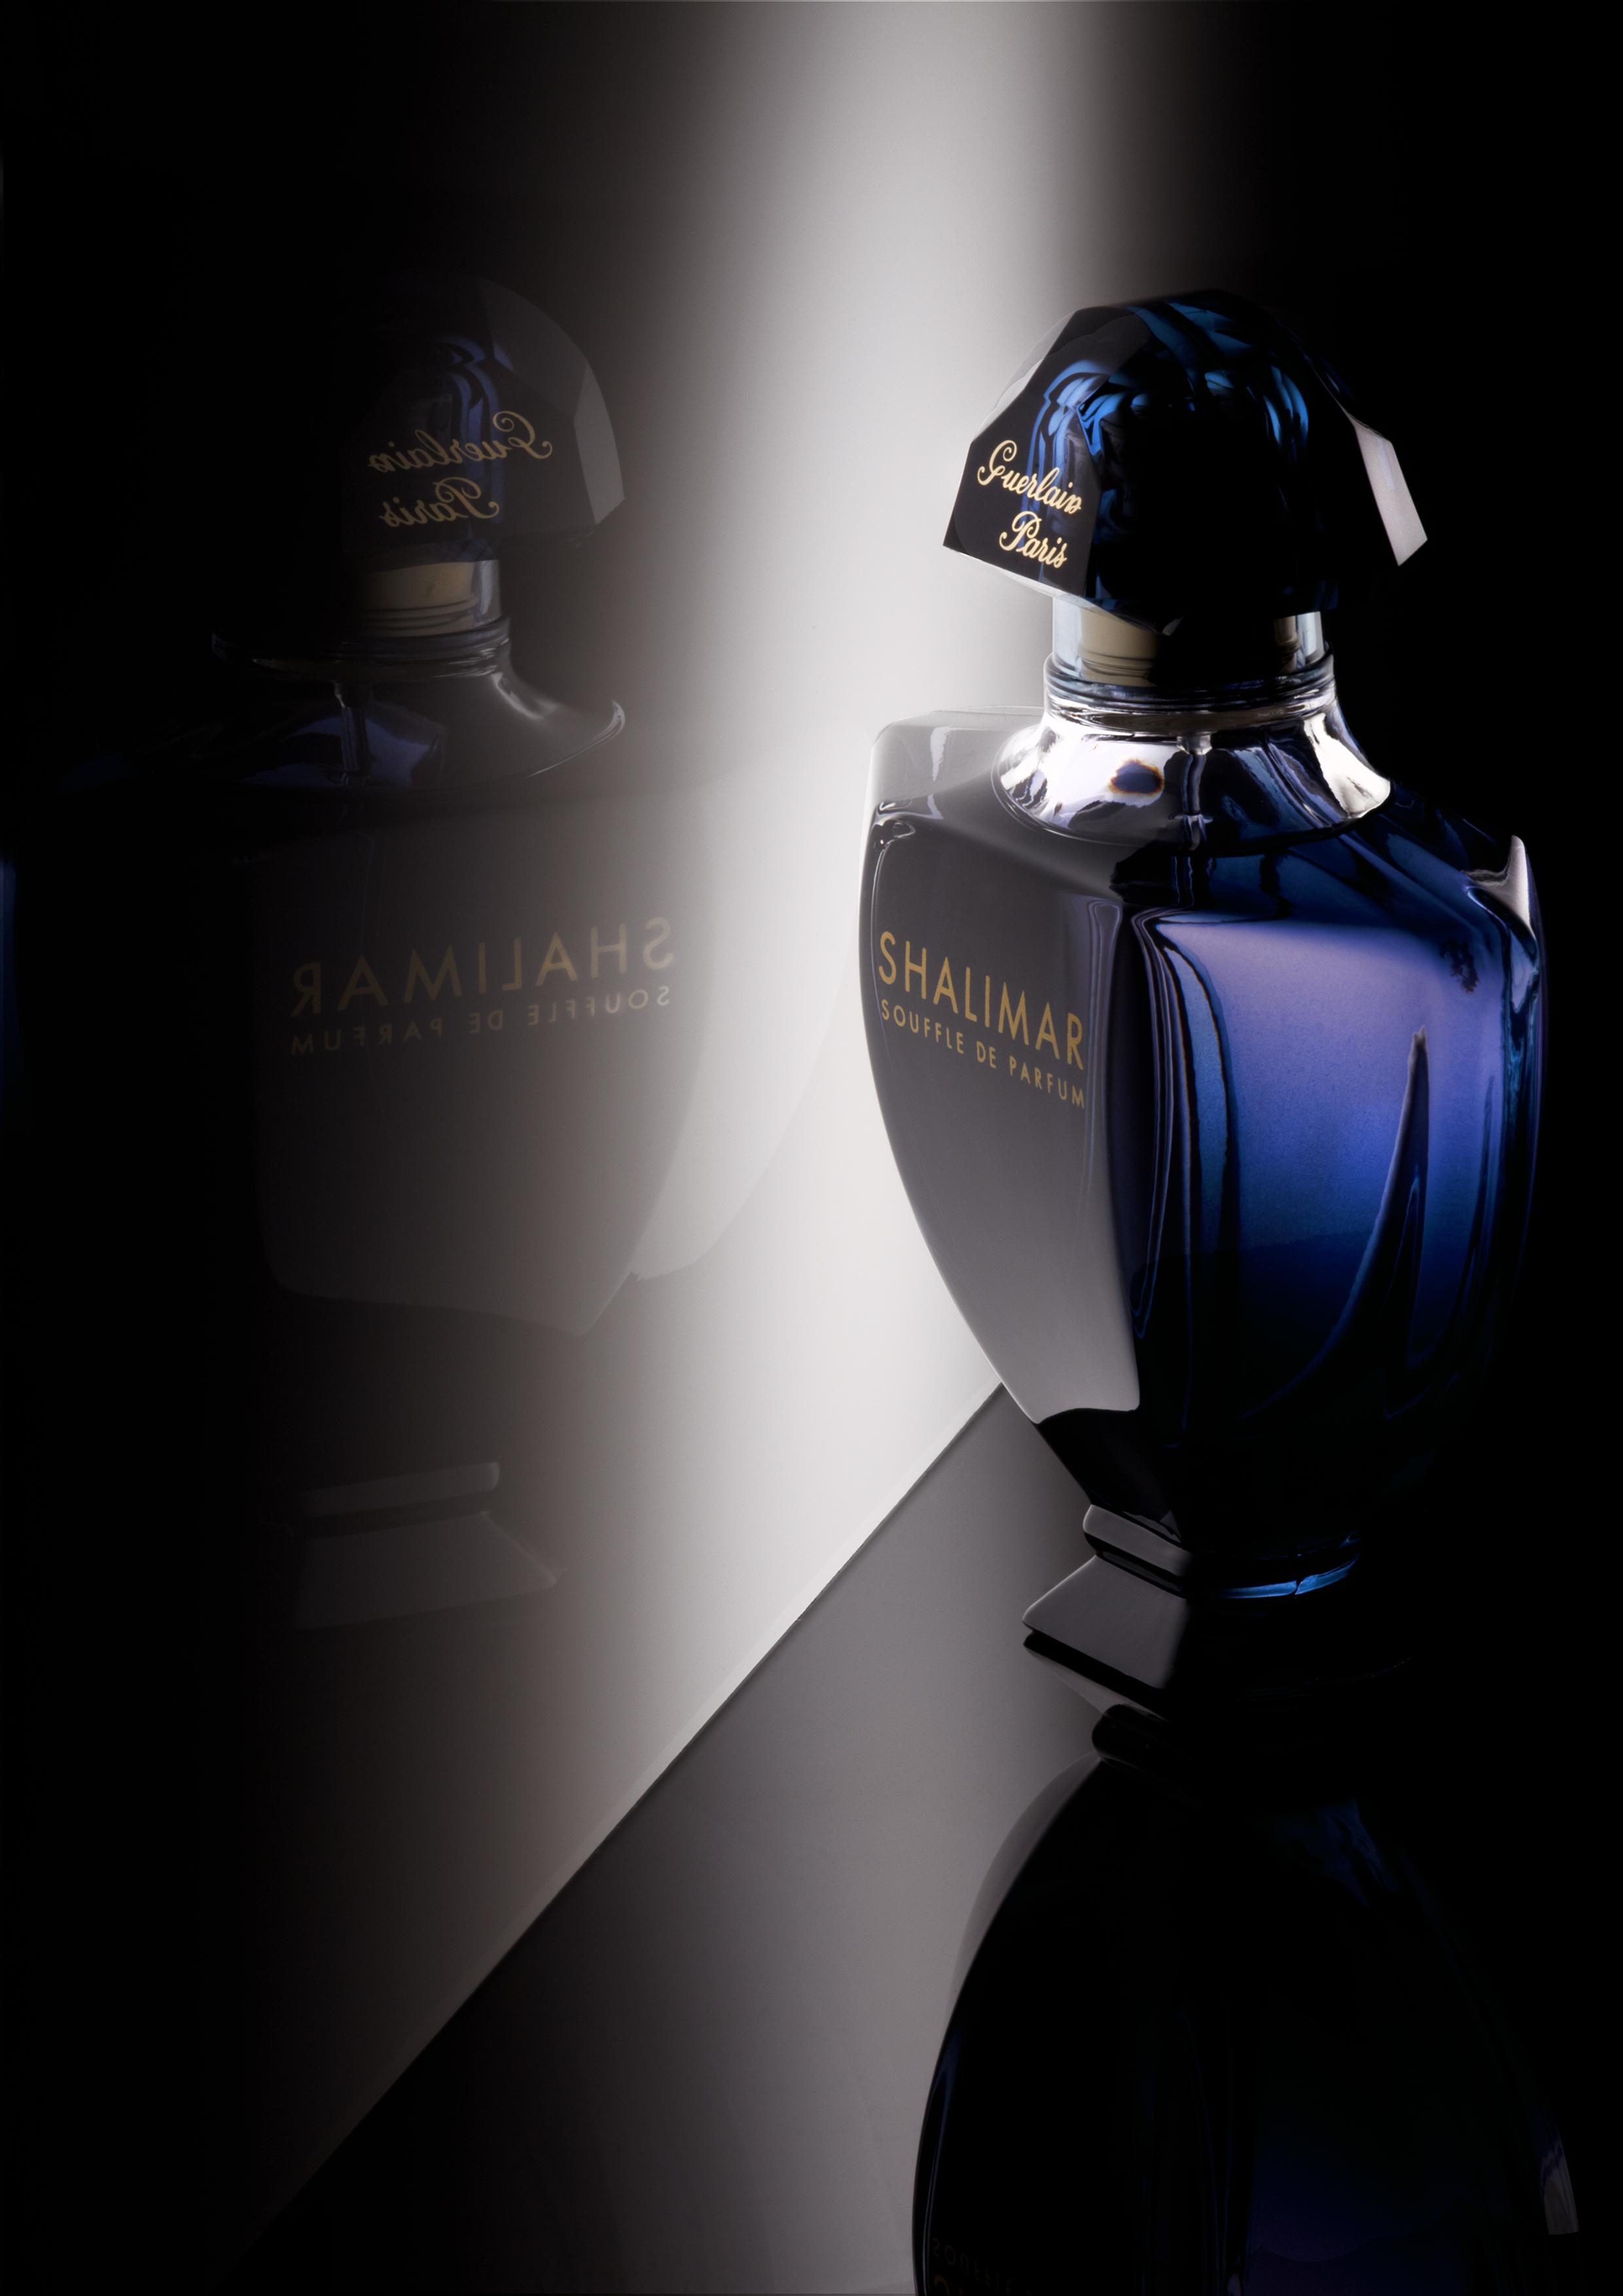 shalimar parfum.jpg